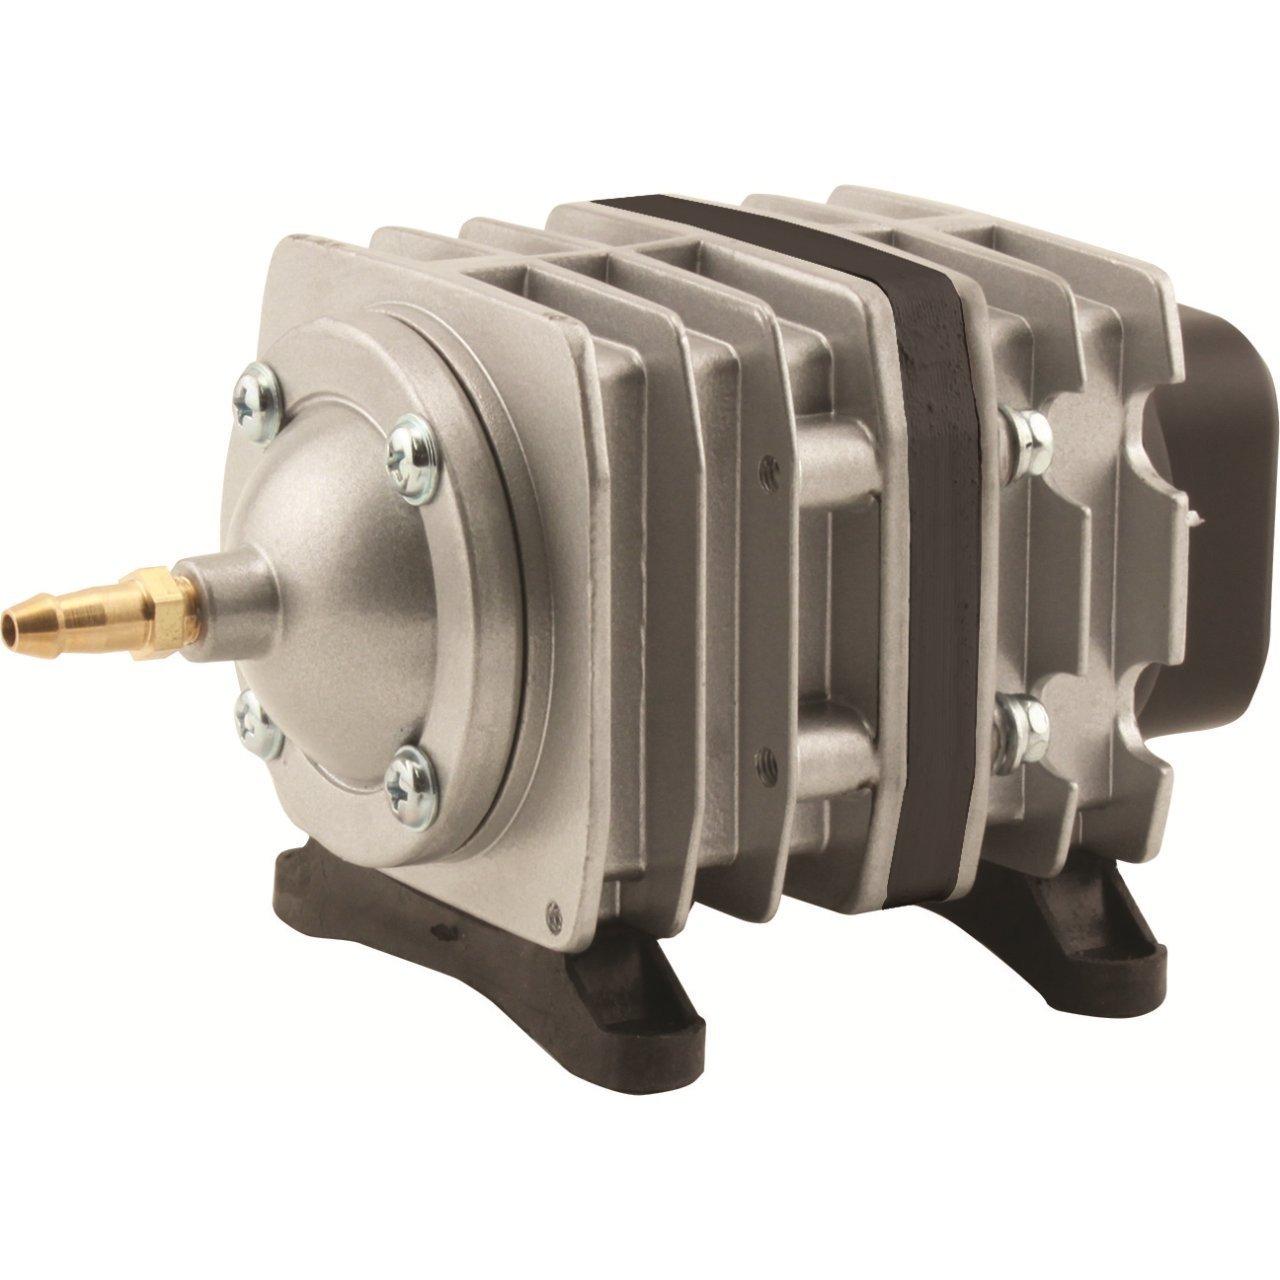 EcoPlus Commercial 1 Hydroponic/Aquarium Air Pump by EcoPlus